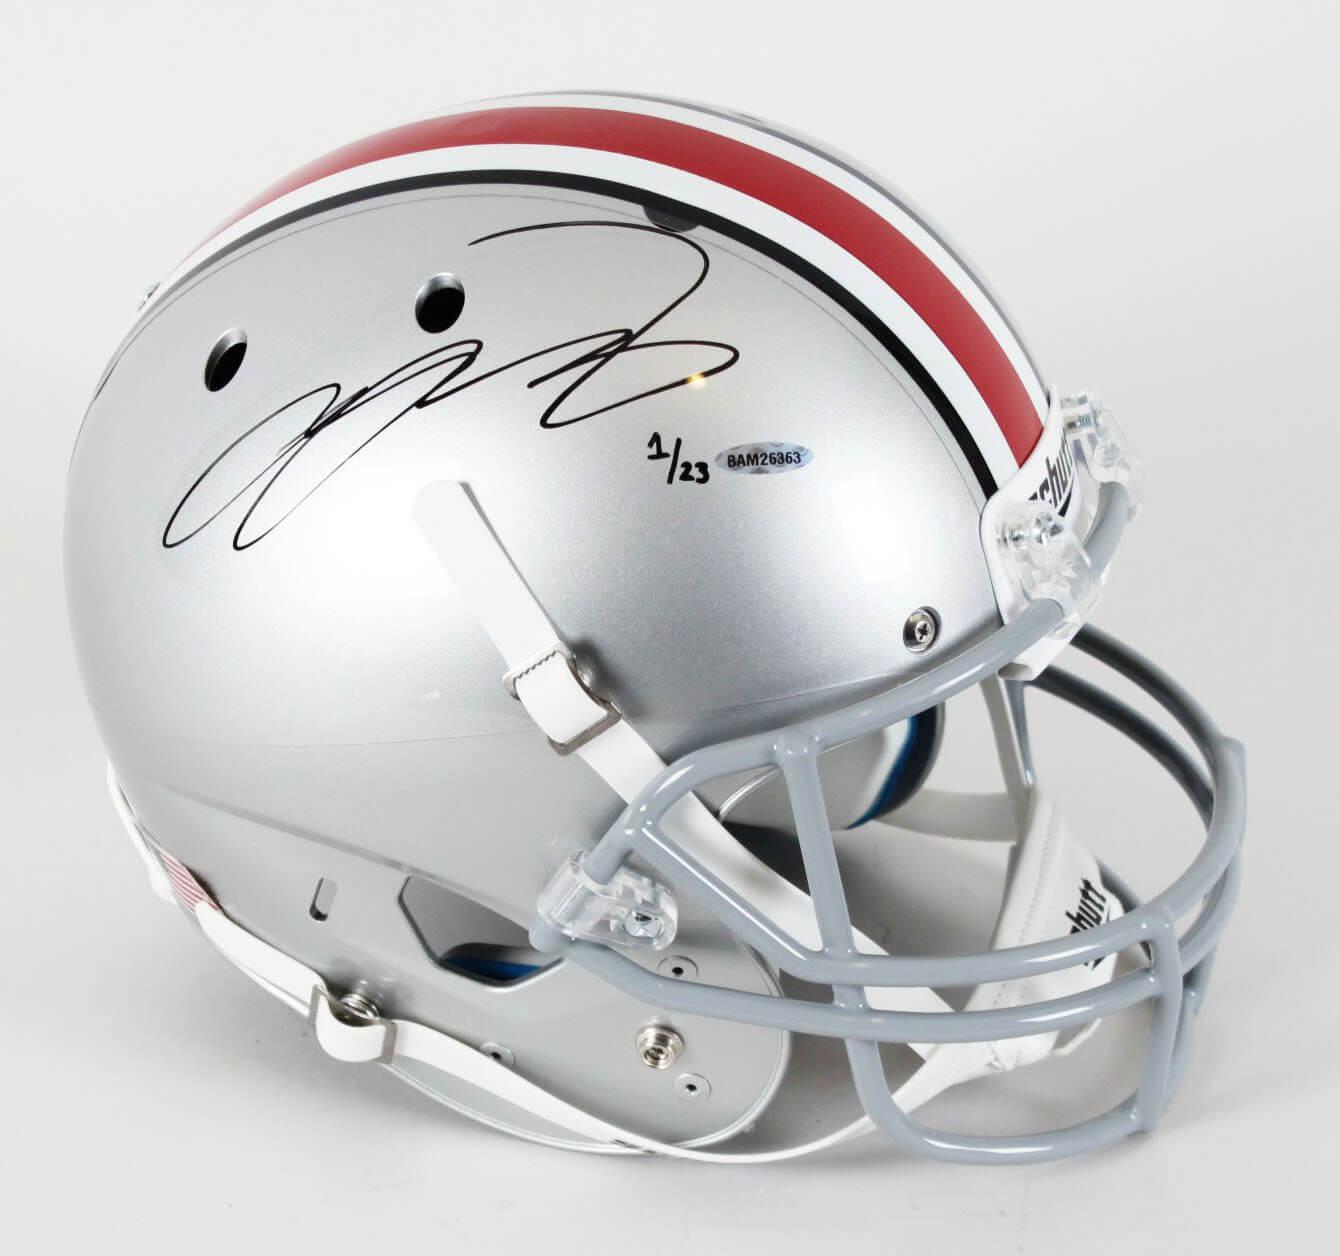 Ohio State Buckeyes - LeBron James Signed Full Size Helmet LE 1/23 (UDA COA)